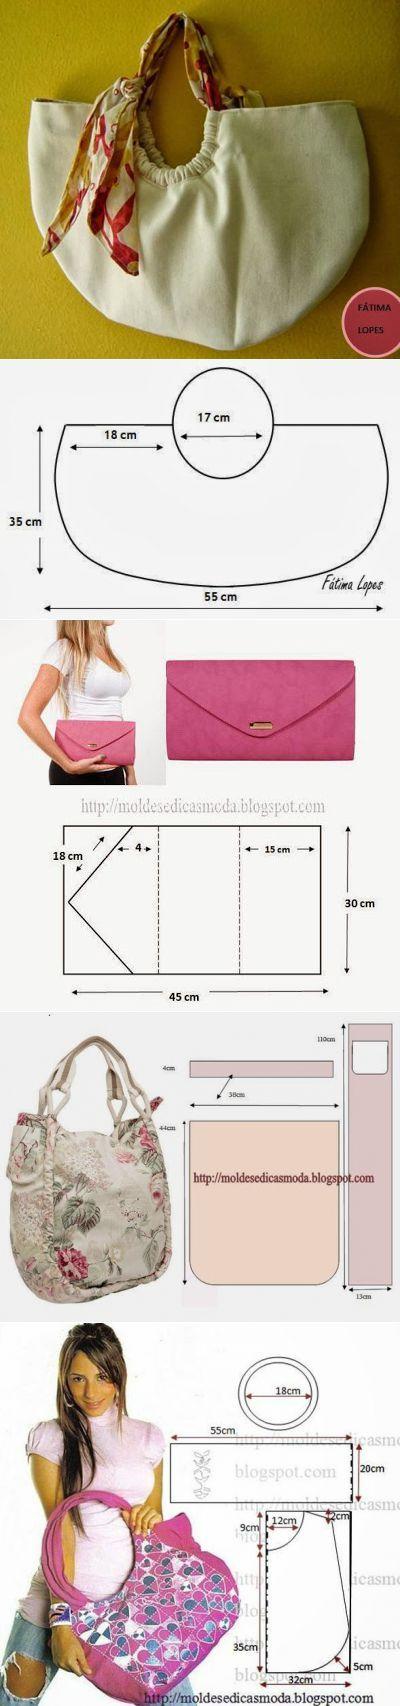 Выкройки сумок   carteras lapiz   Pinterest   Bolsos, Costura y Patrones